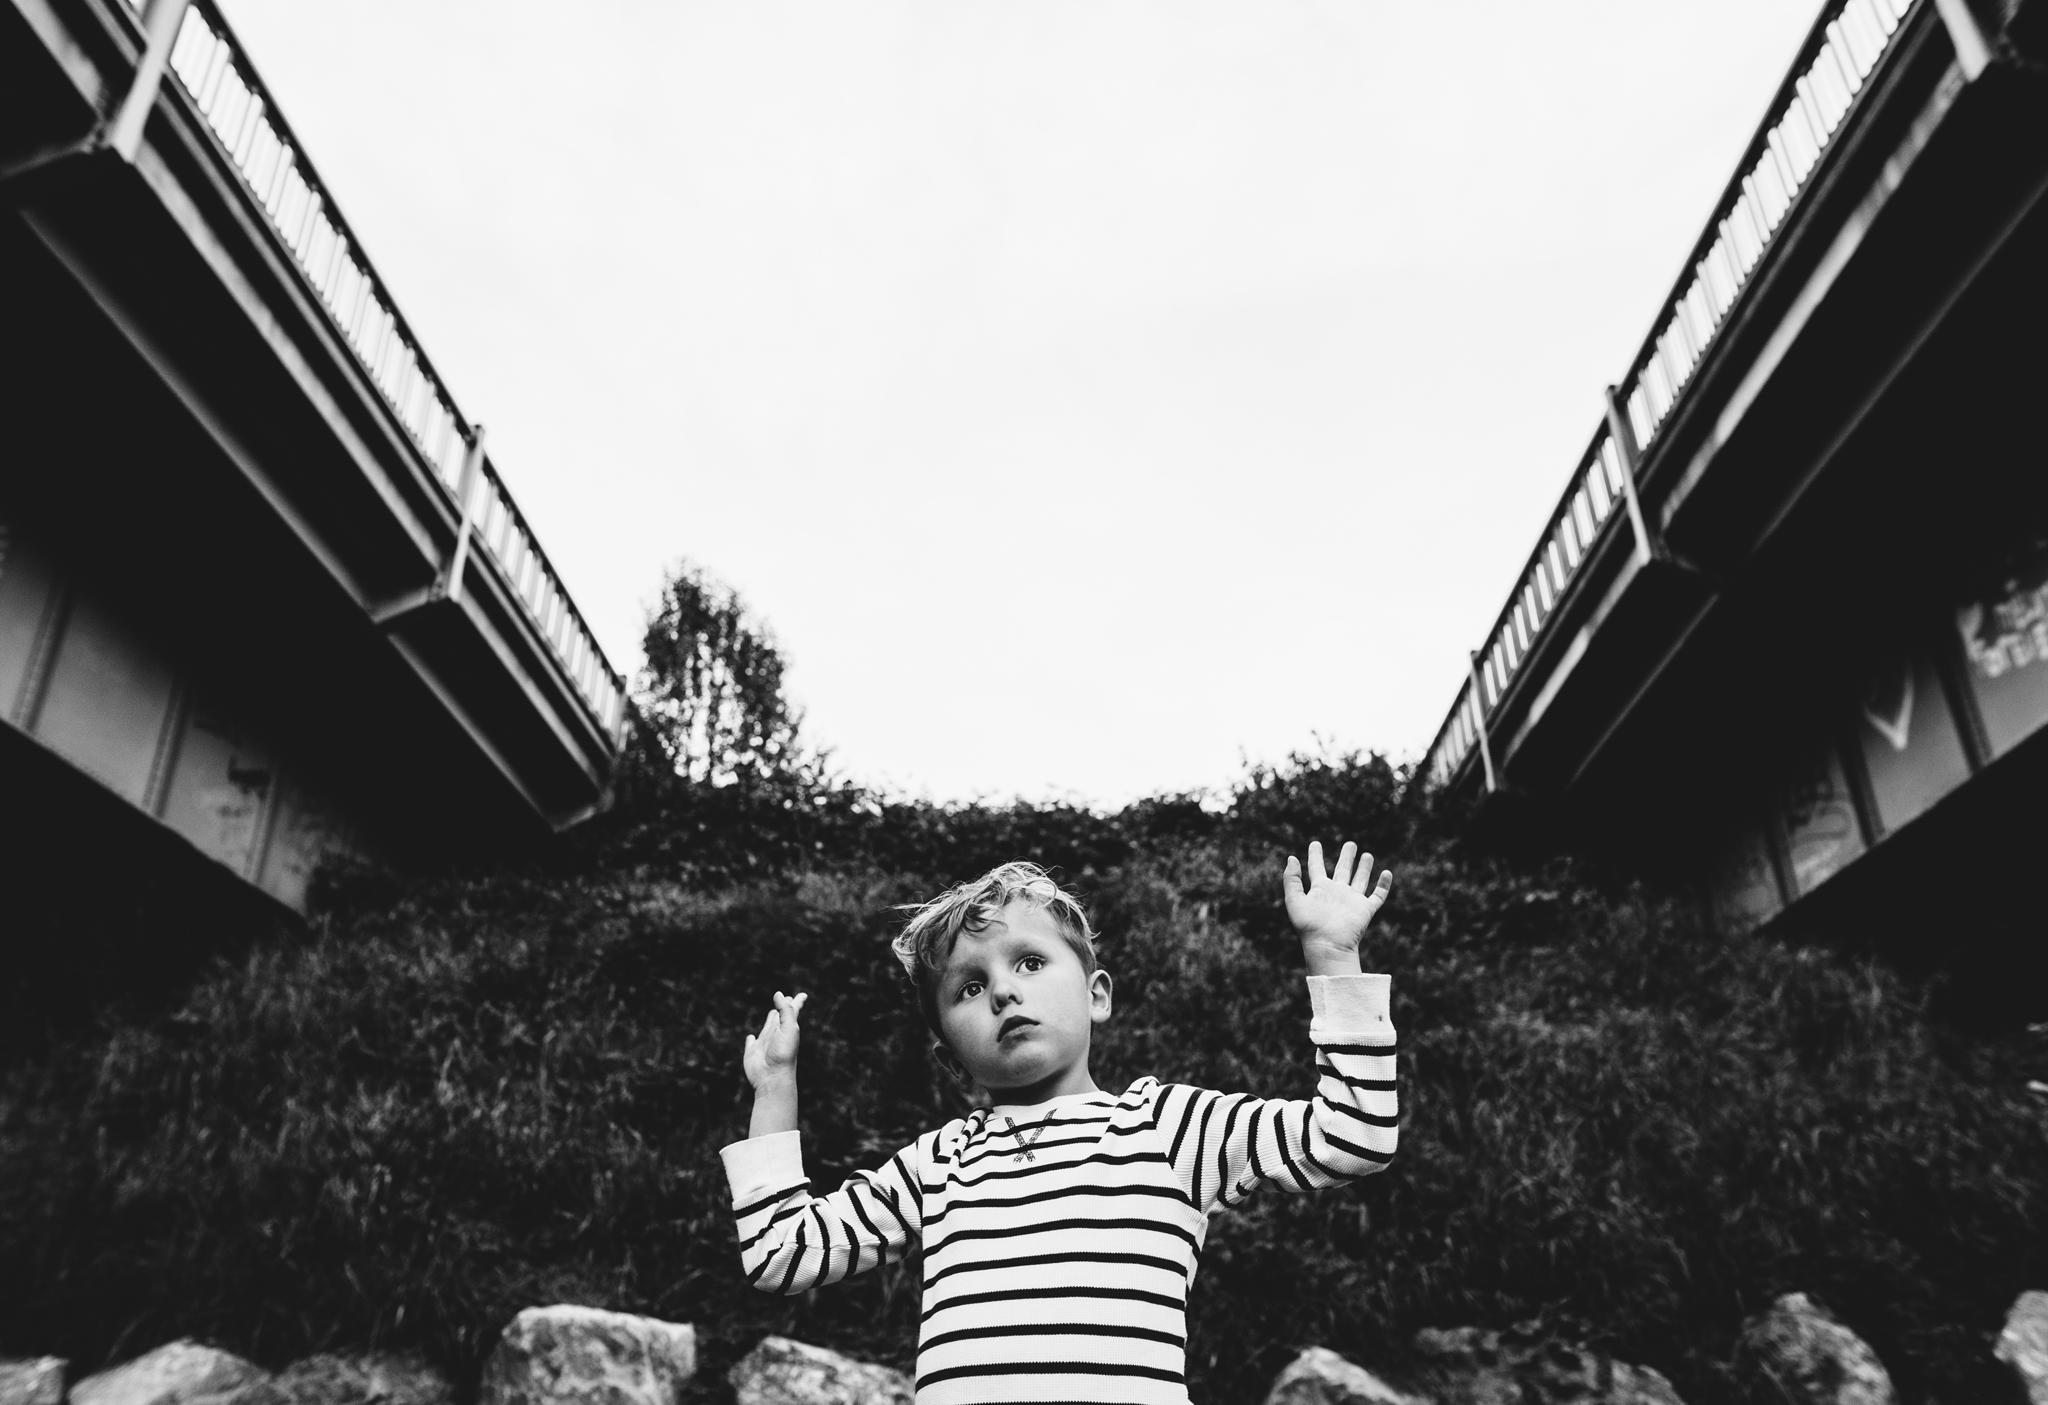 Atticus hands up between bridges-1.jpg